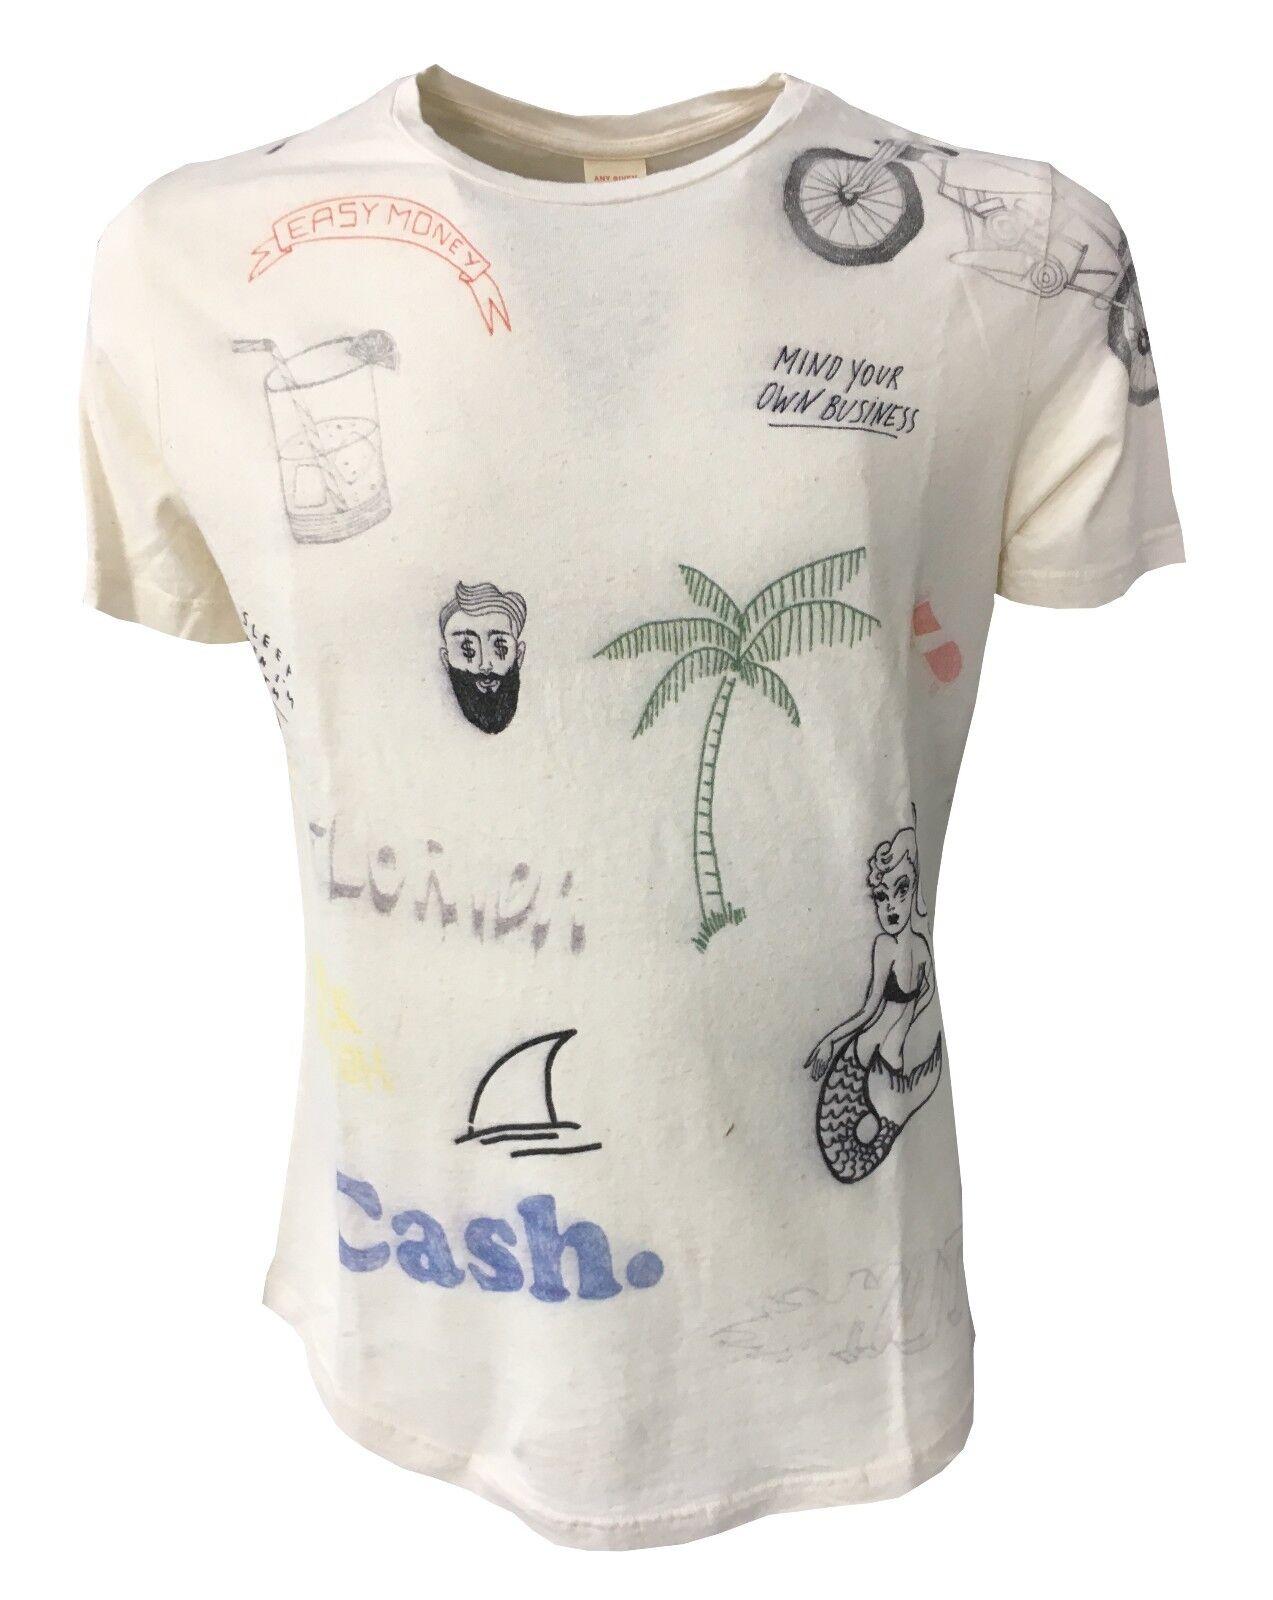 VINTAGE 55 T-Shirt Herren Elfenbeinfarbe / Mehrfarben 60% Baumwolle 40% Leinen